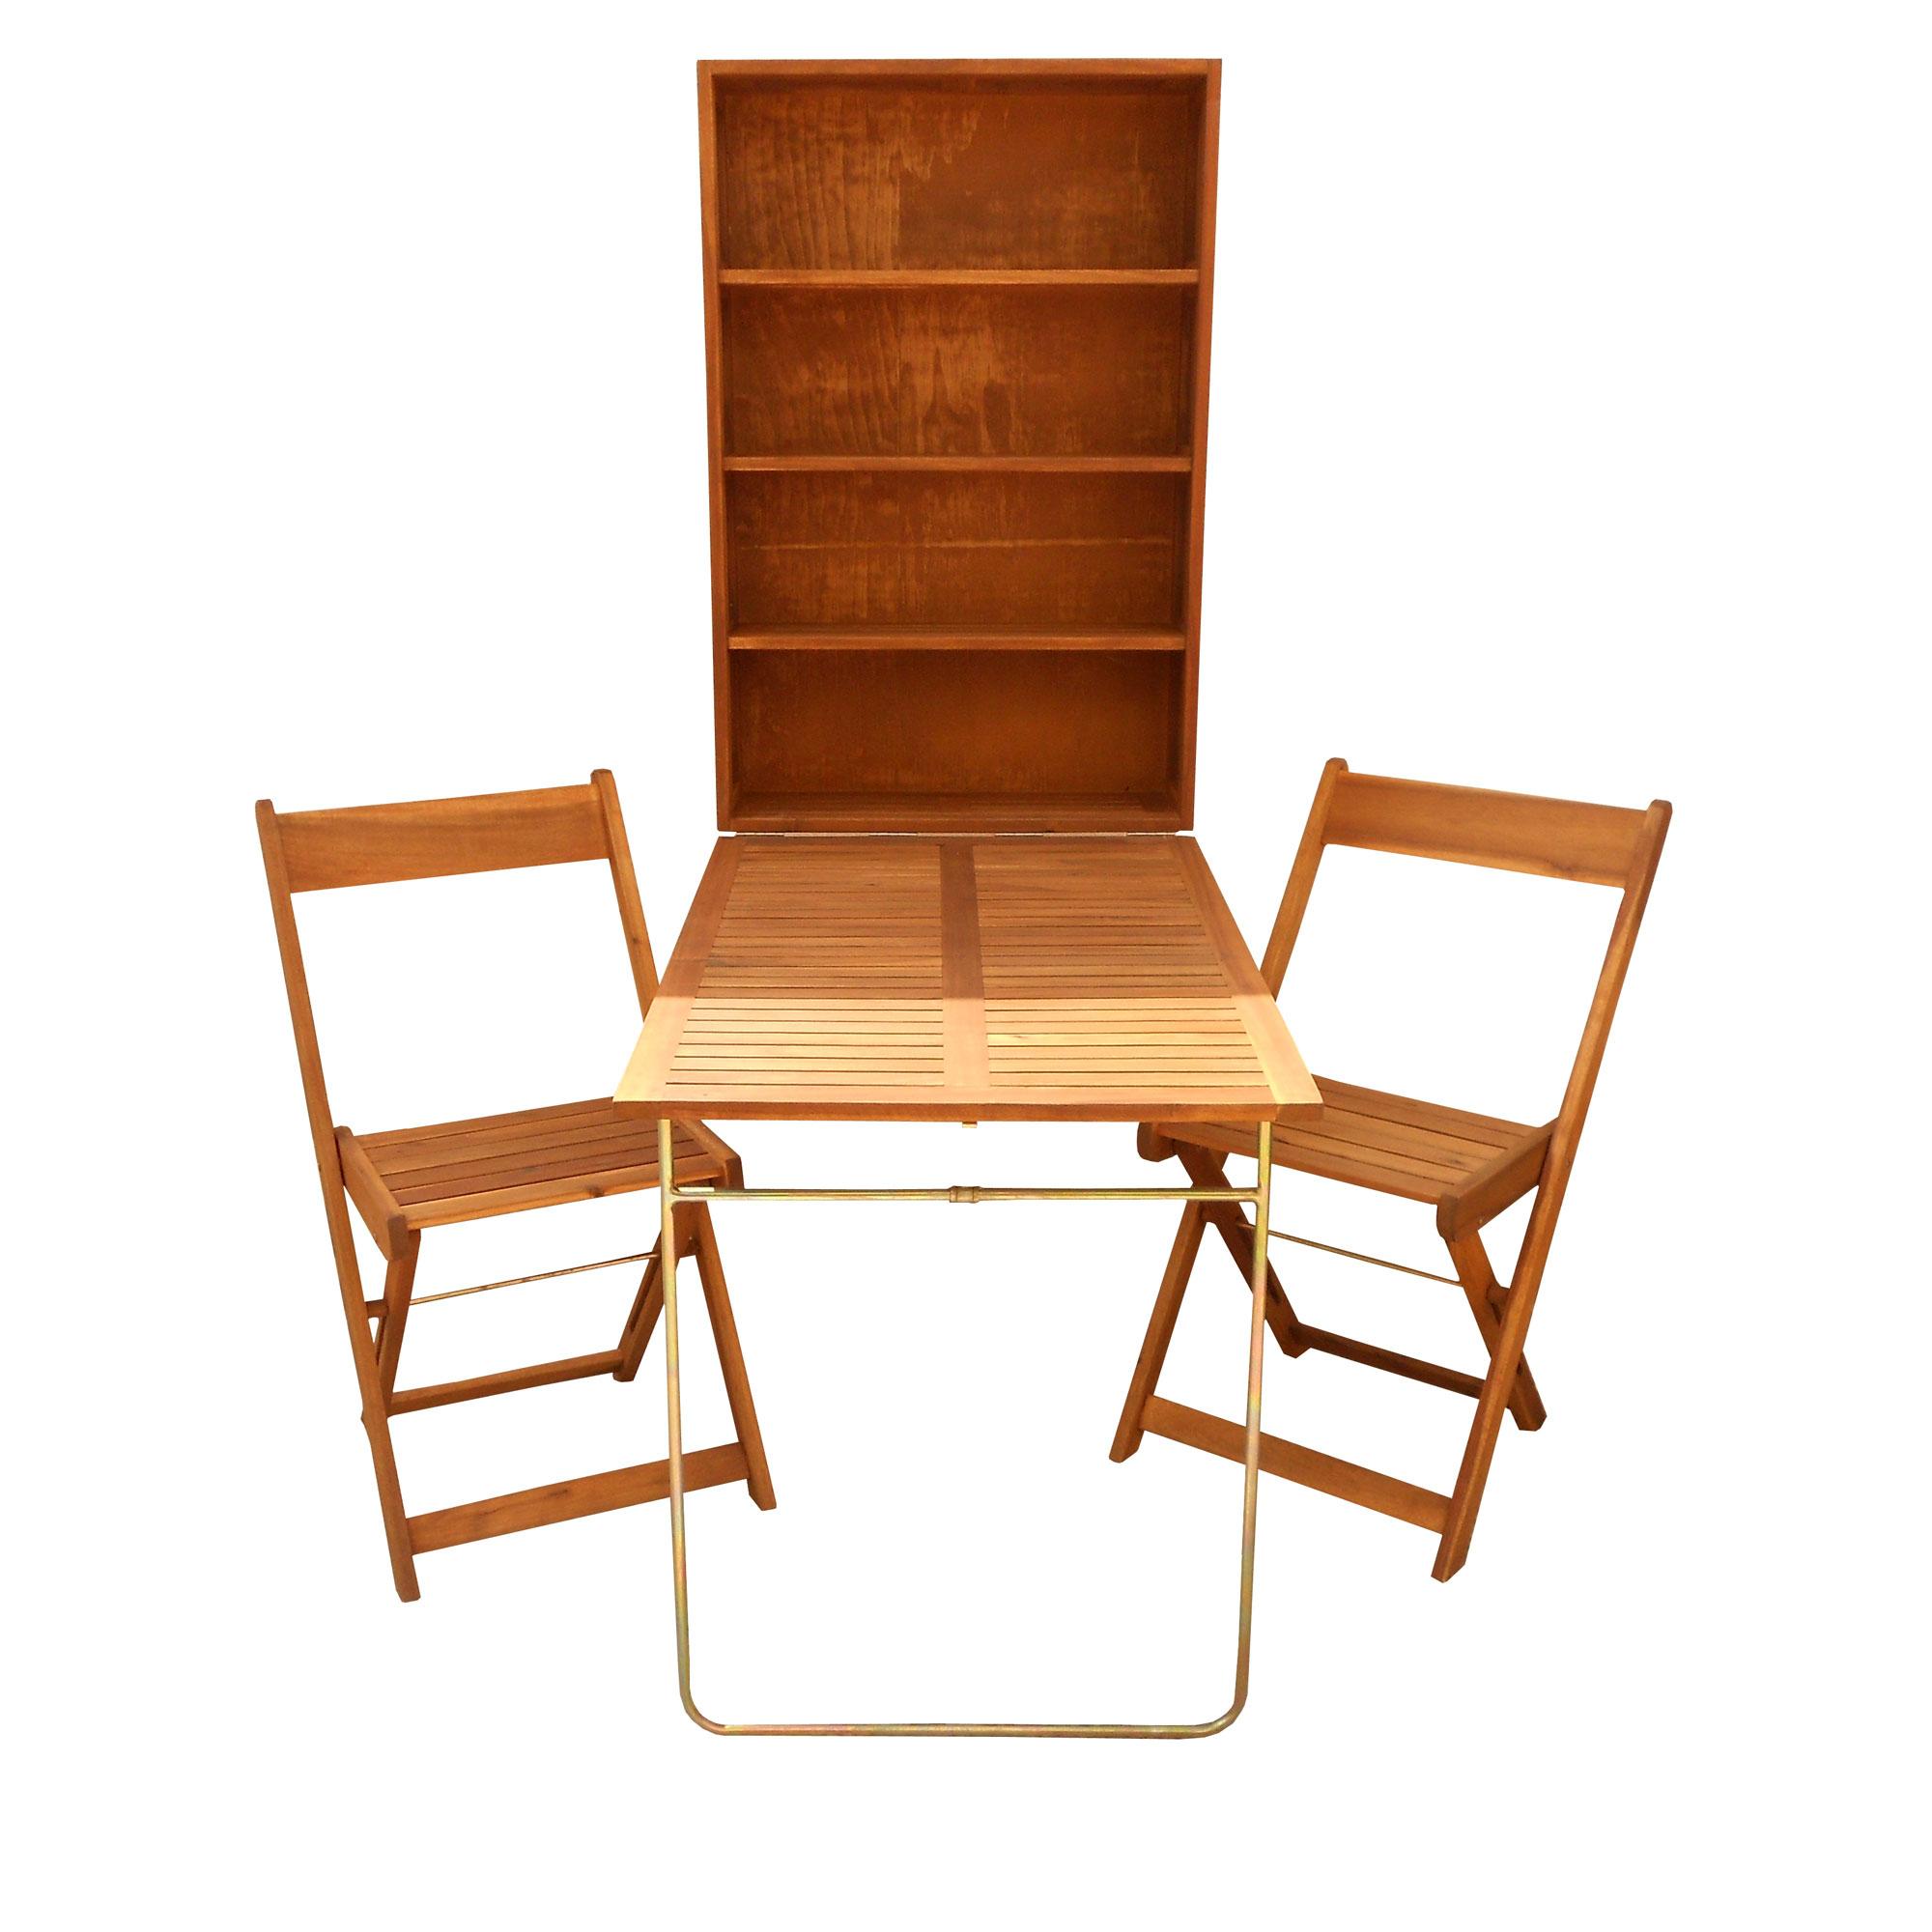 5 Tables Idéales Pour Les Petits Balcons - Déconome encequiconcerne Salon De Jardin Pour Balcon